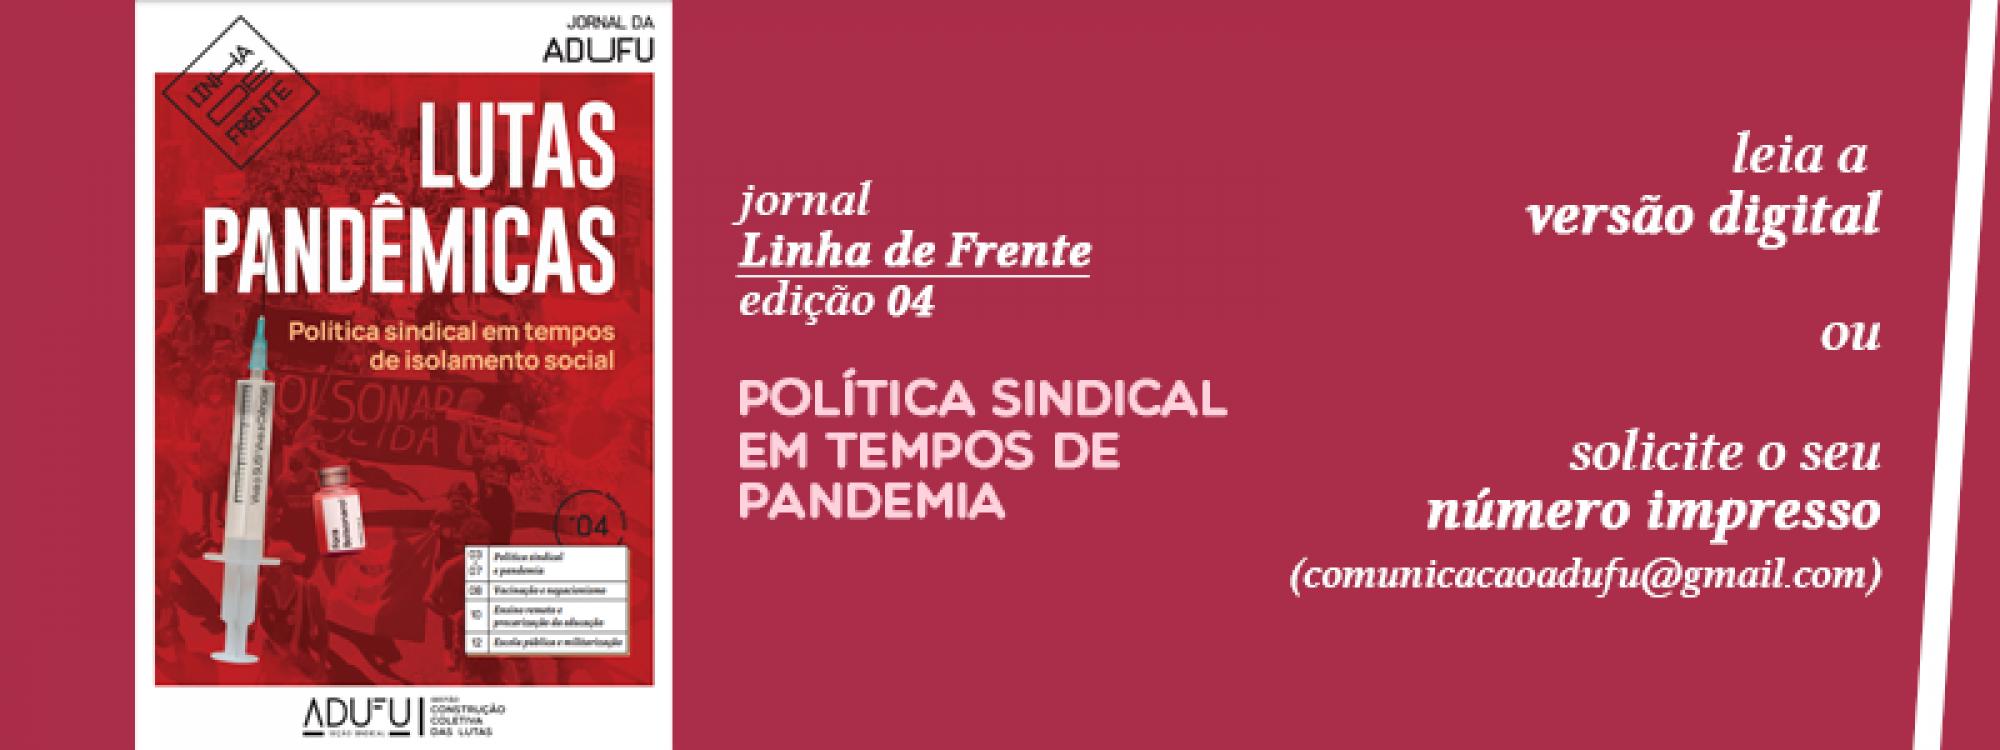 Faça a leitura da quarta edição do jornal Linha de Frente